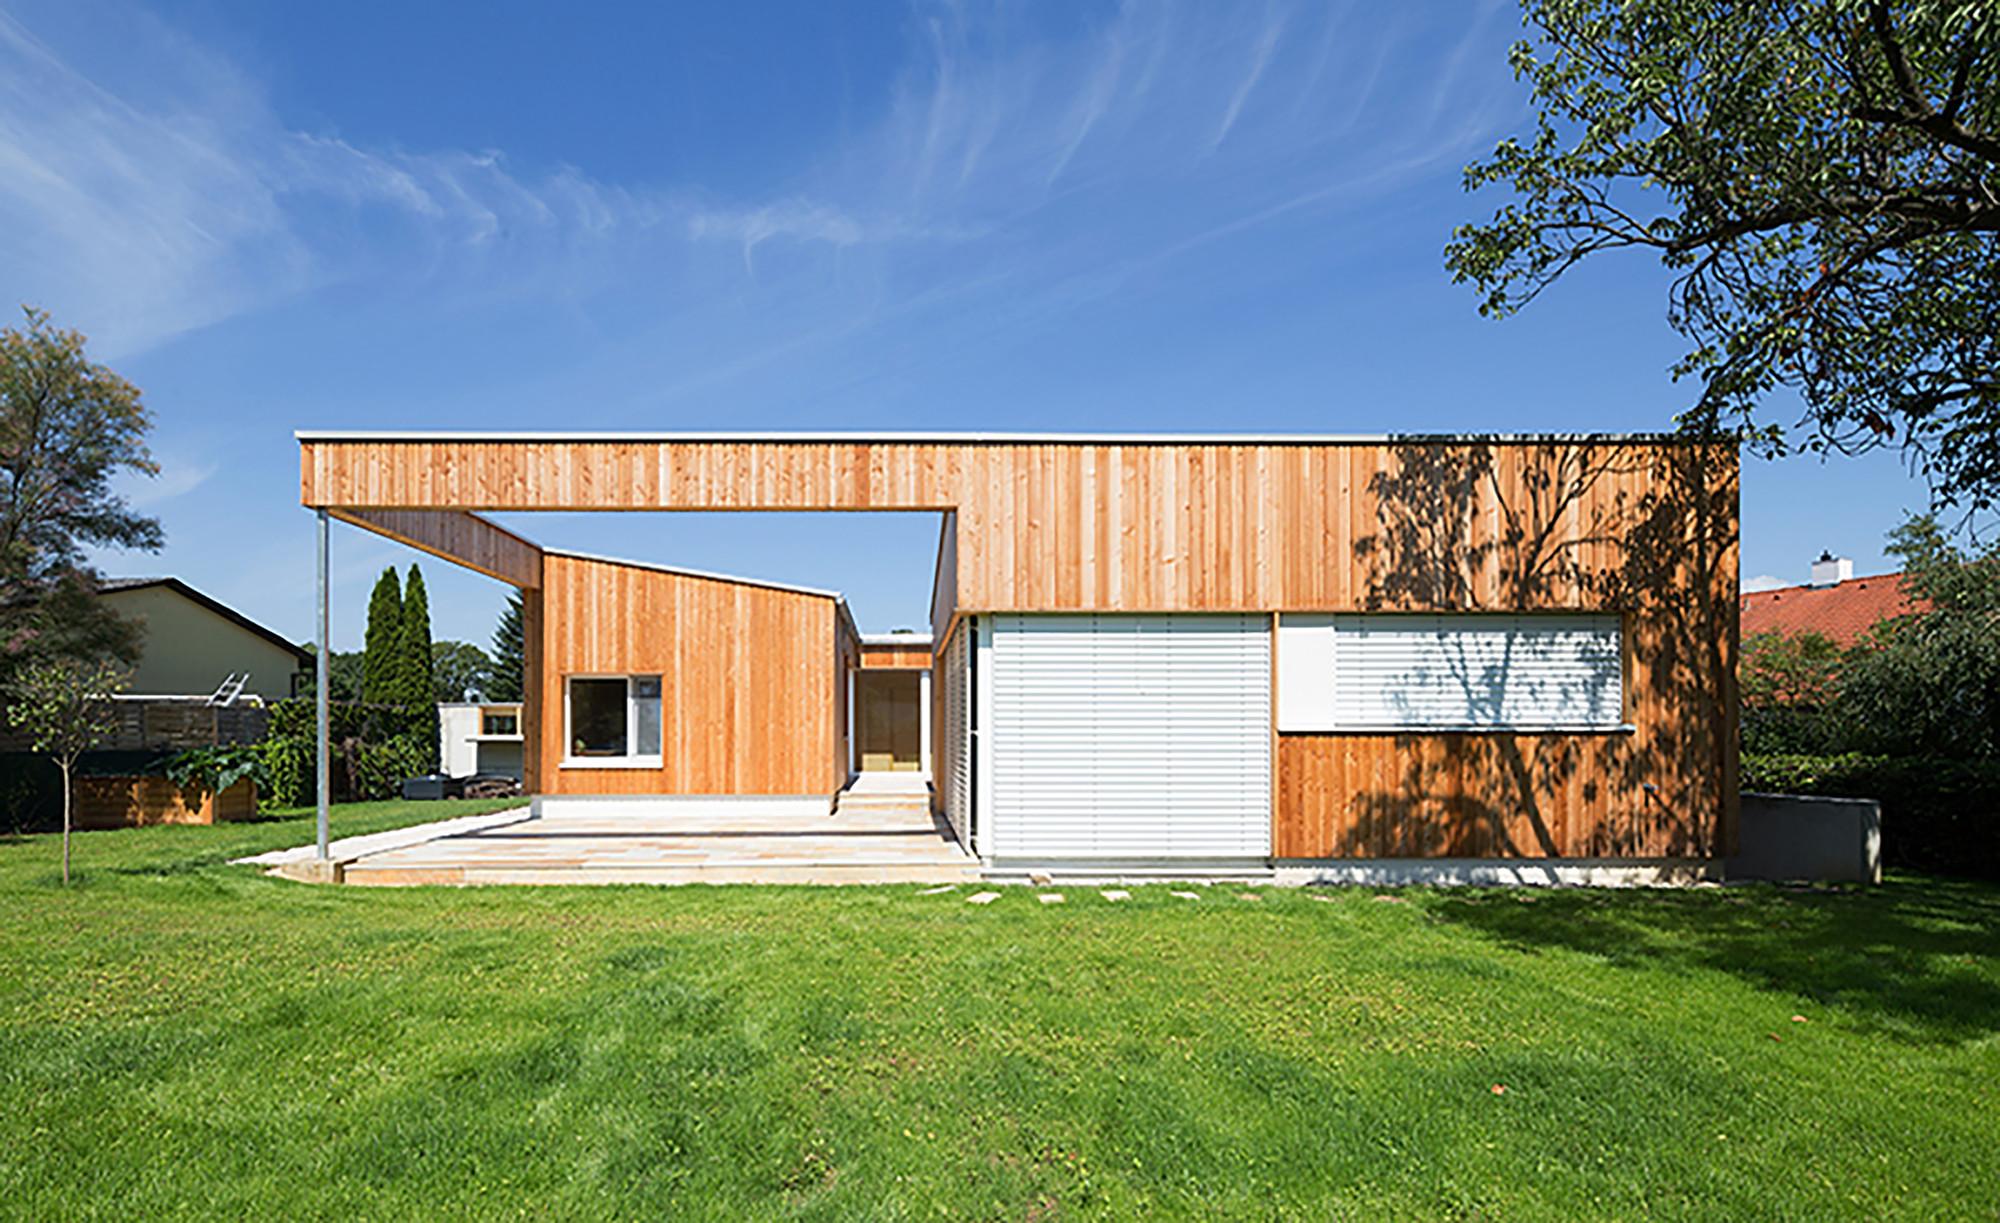 Residential Building DMT / [tp3] architekten, © Mark Sengstbratl